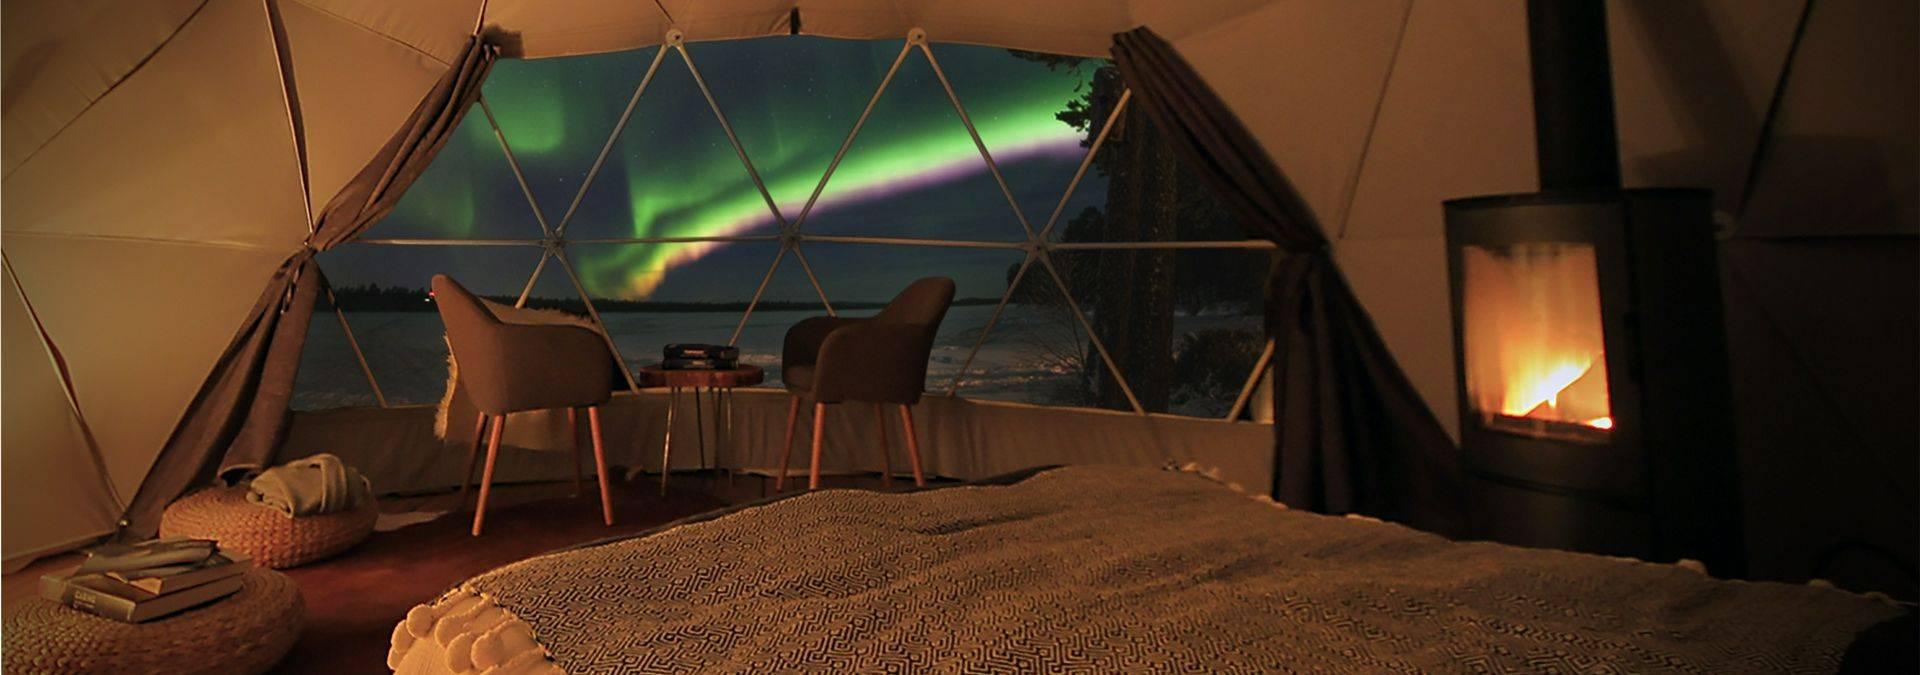 Aurora dome sisakuva.jpg